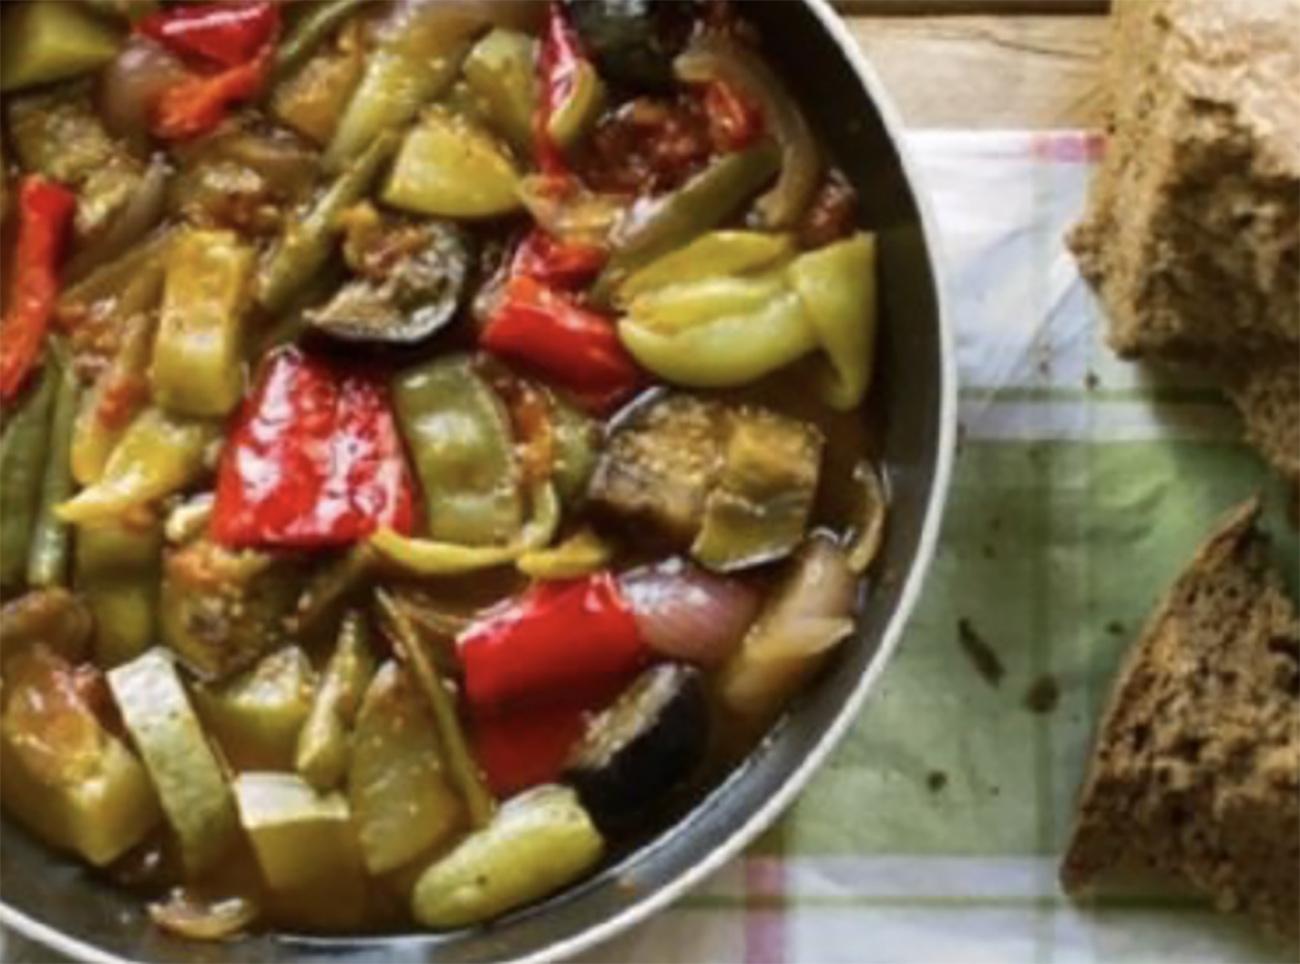 Ικαριώτικο σουφικό: Το απόλυτο καλοκαιρινό πιάτο